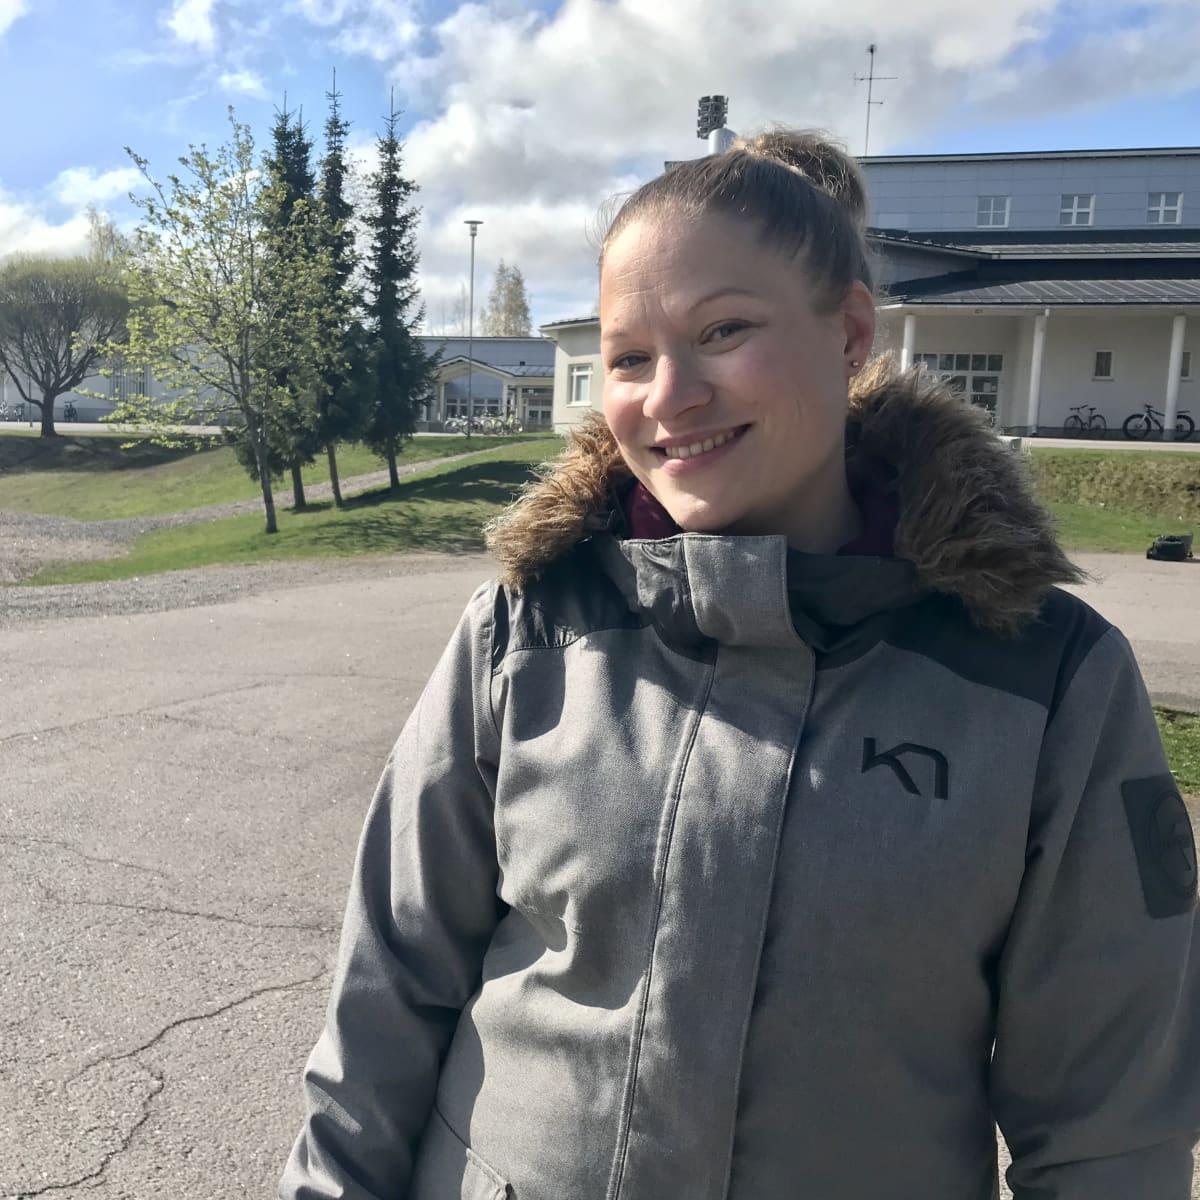 Anna-Kaisa Auvinen seisomassa koulun pihalla.